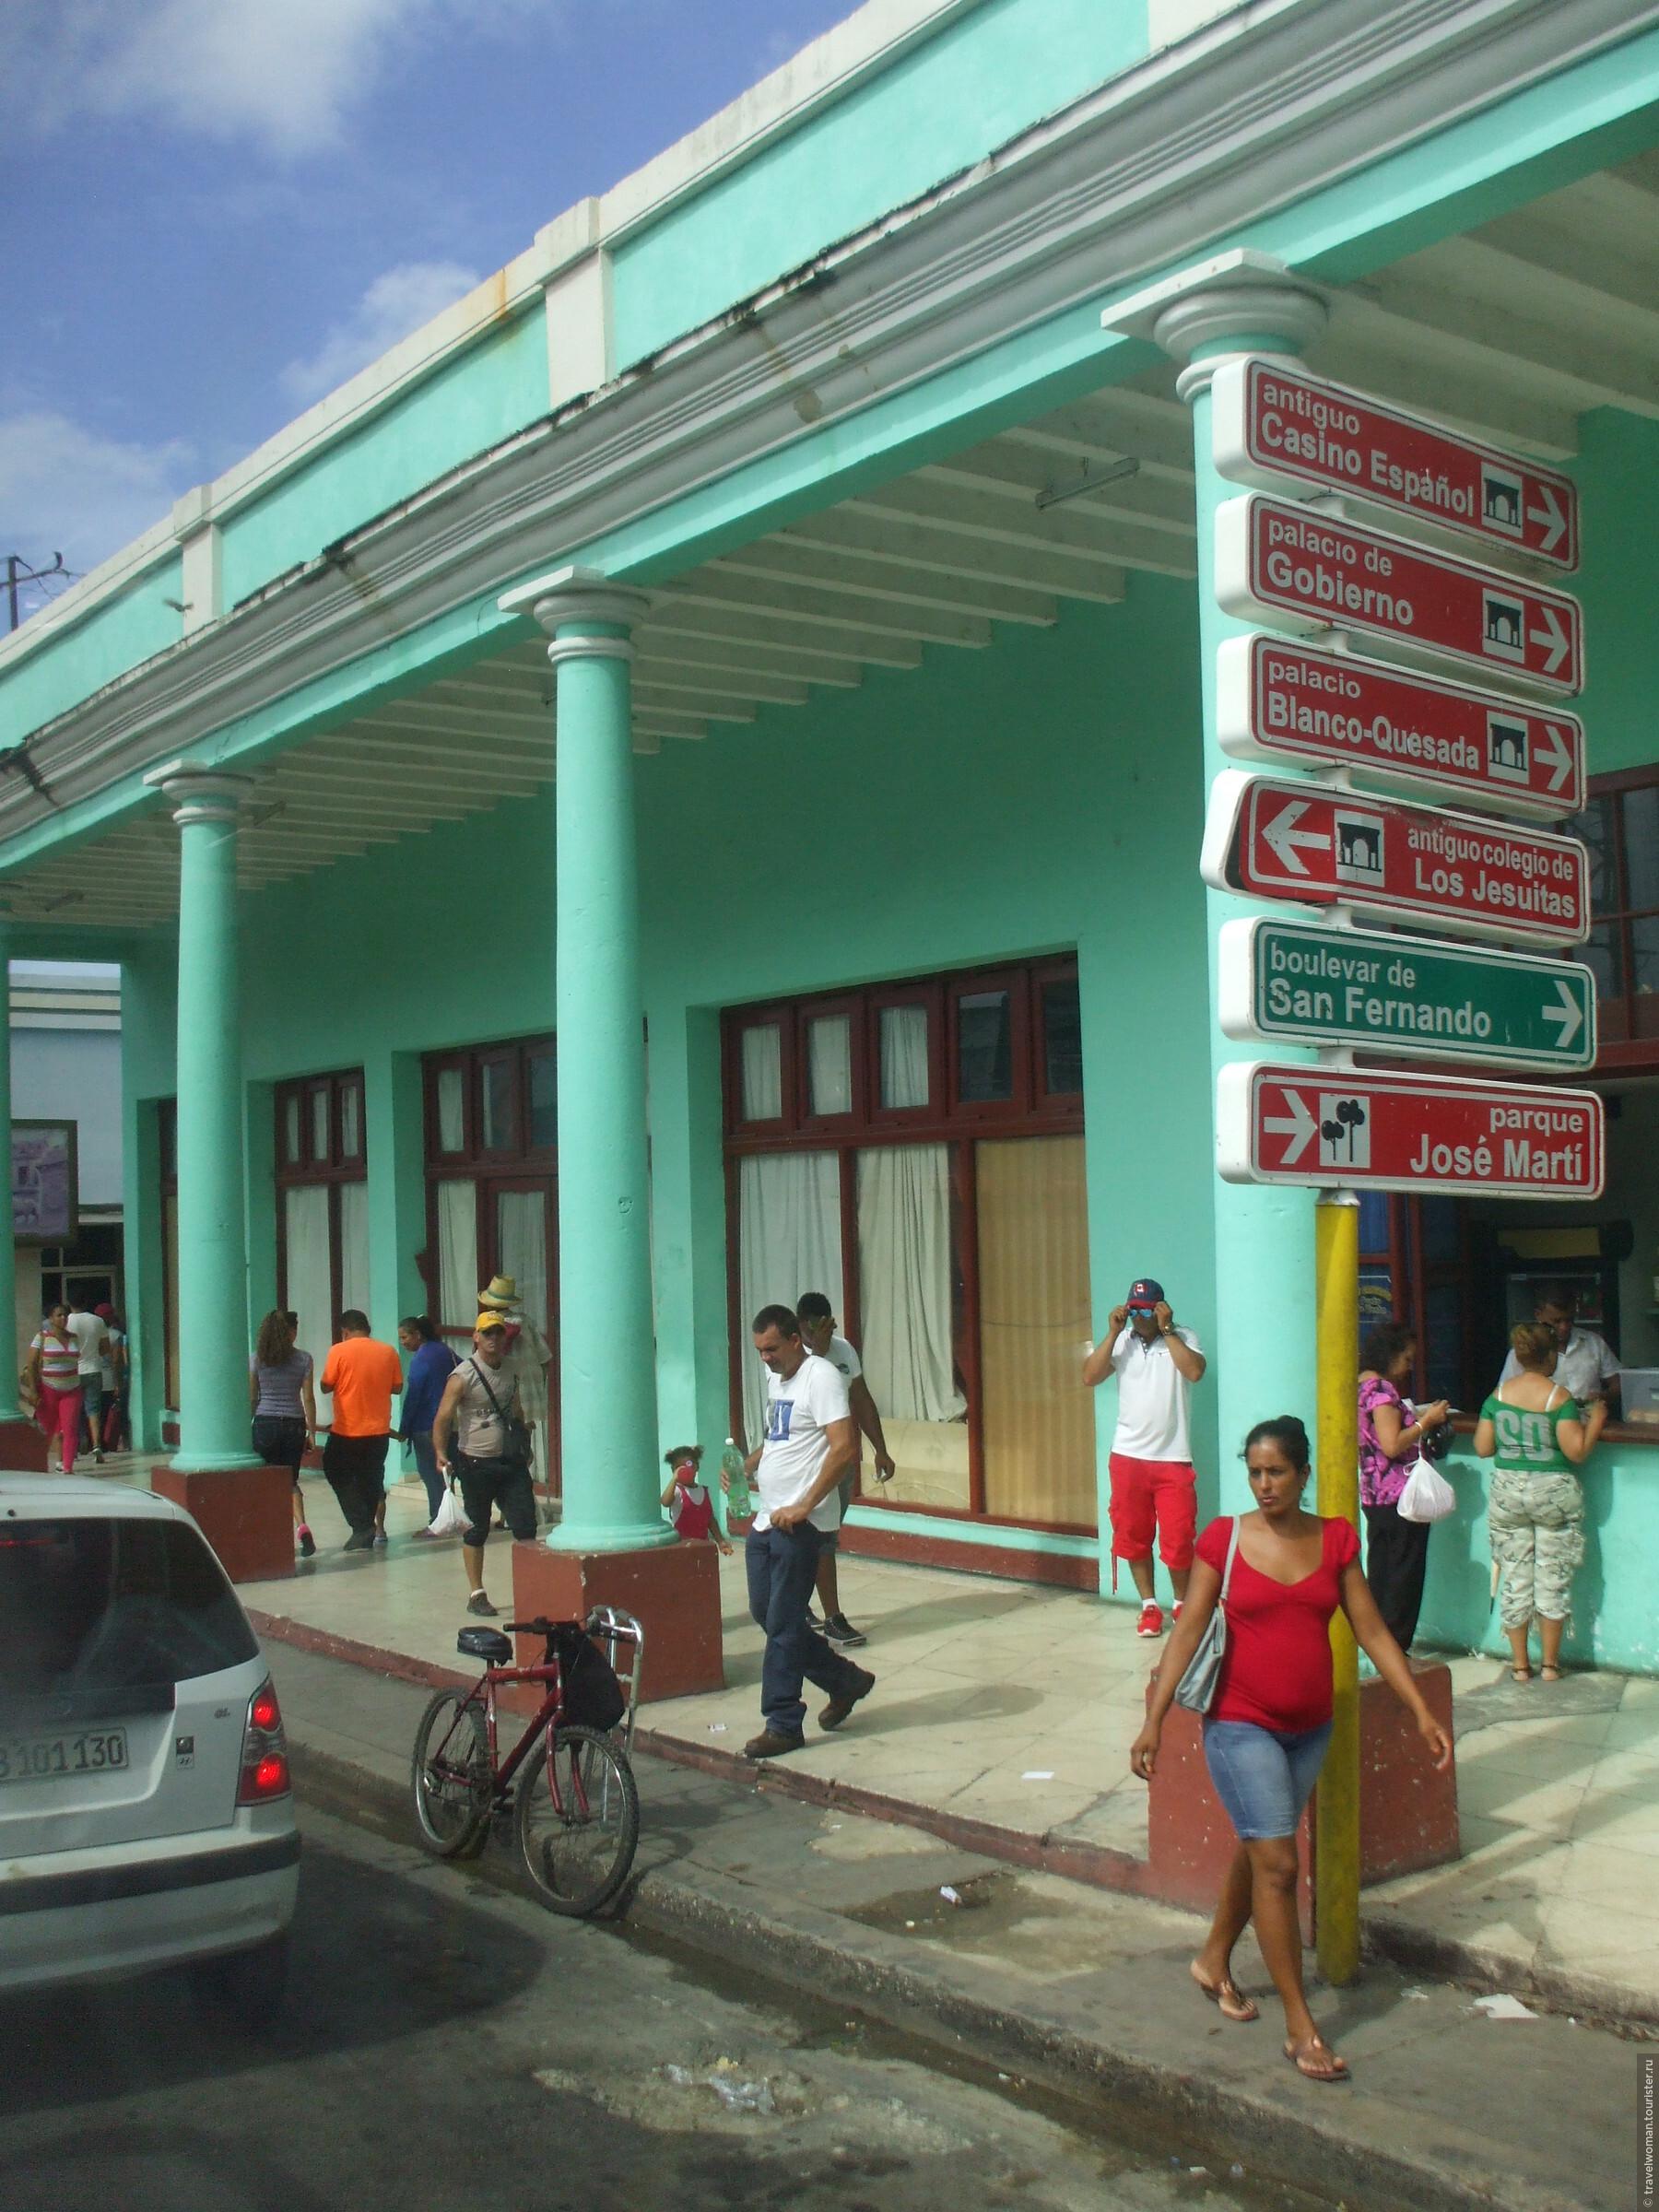 Куба где находится казино бесплатные игровые автоматы без регистрации острова